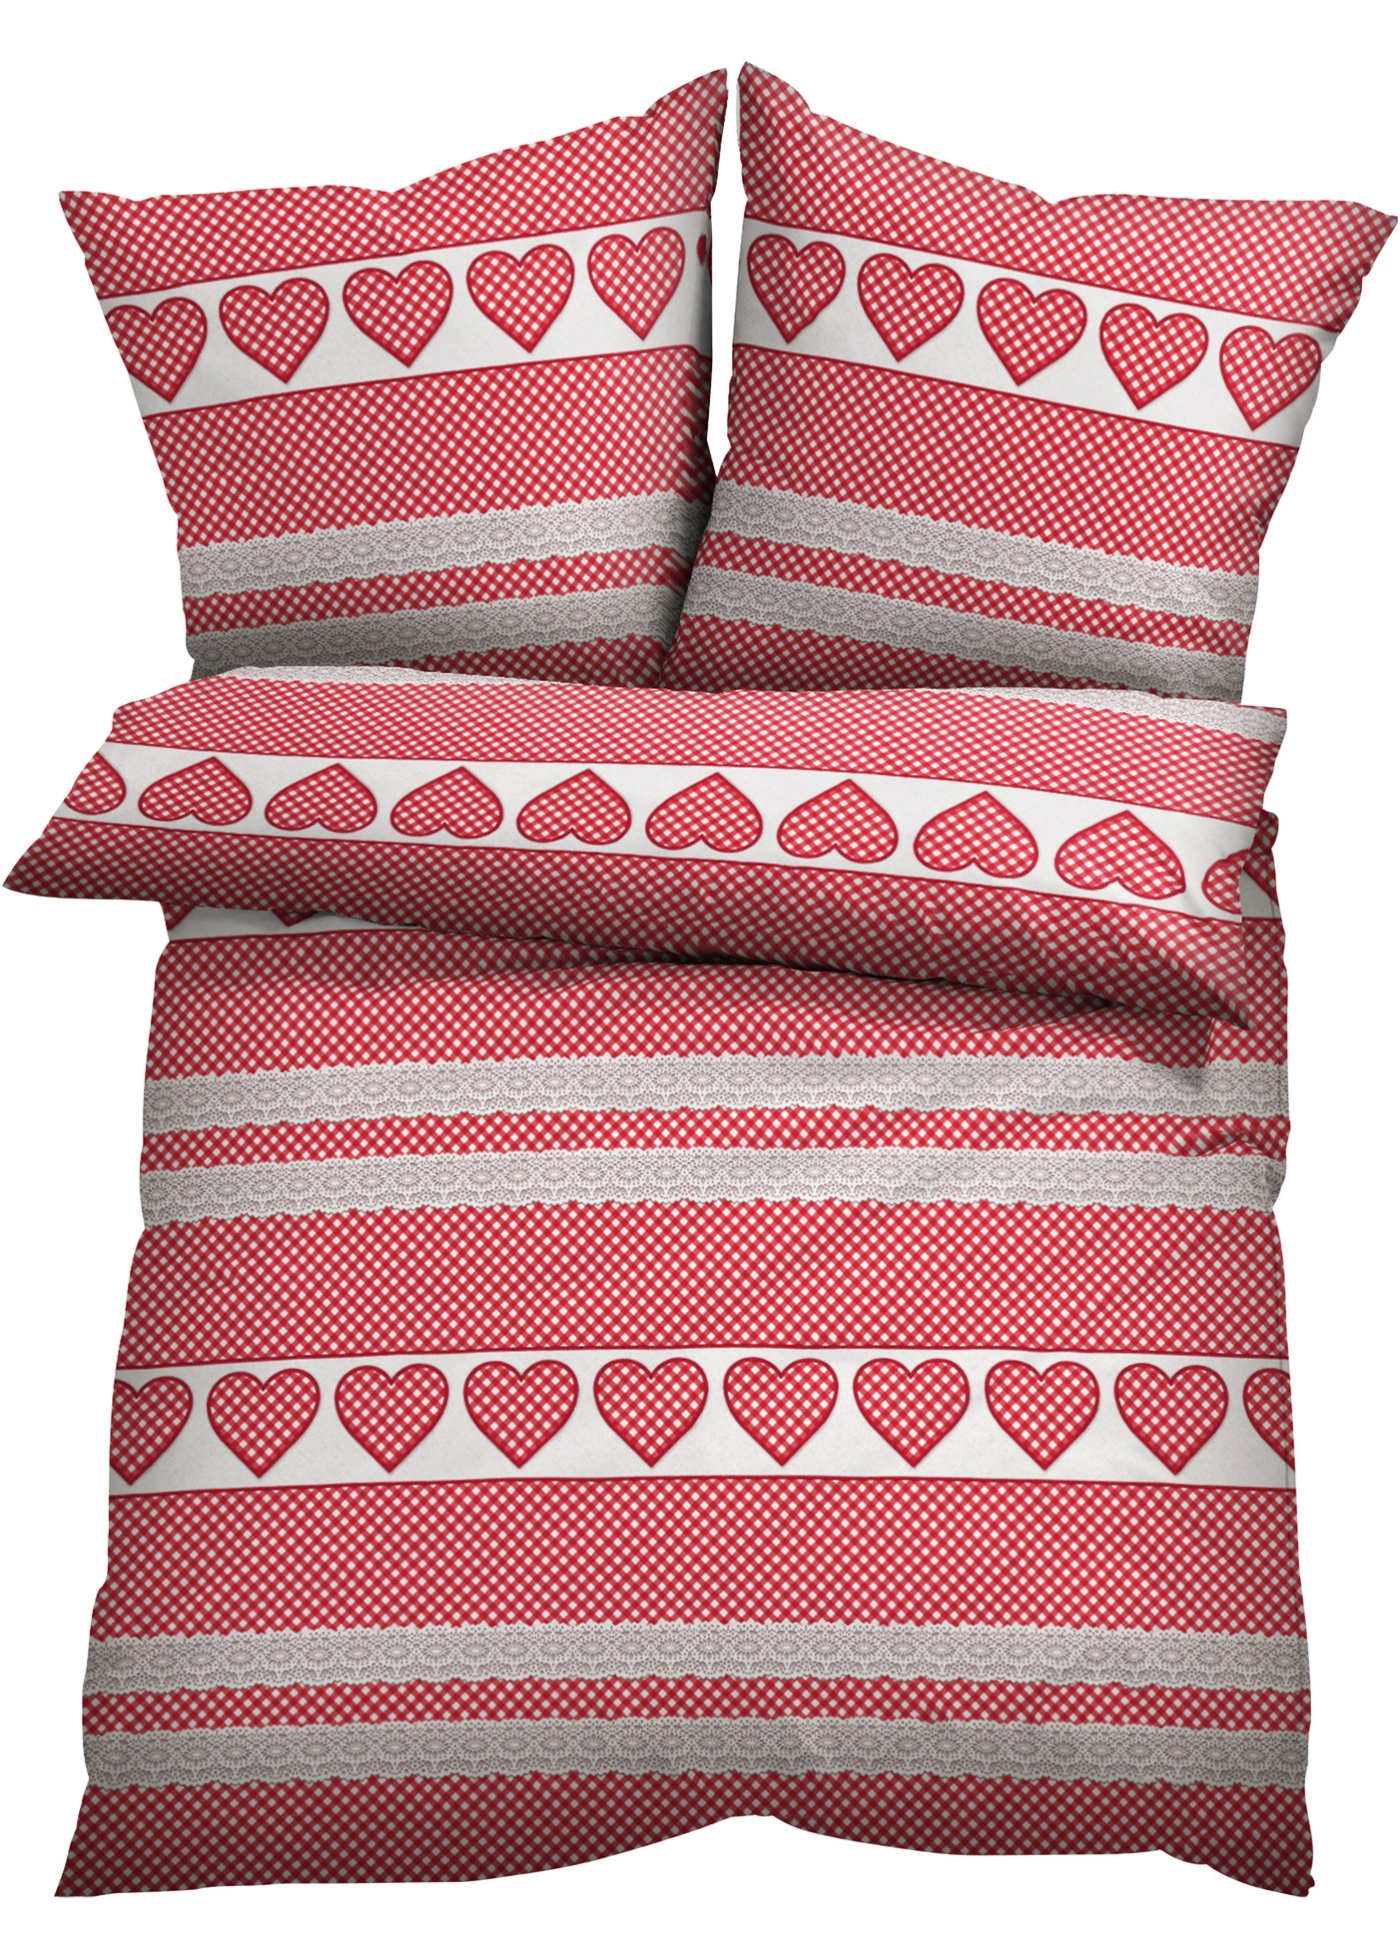 Linge de lit imprimé avec cœurs dans un esprit campagne.